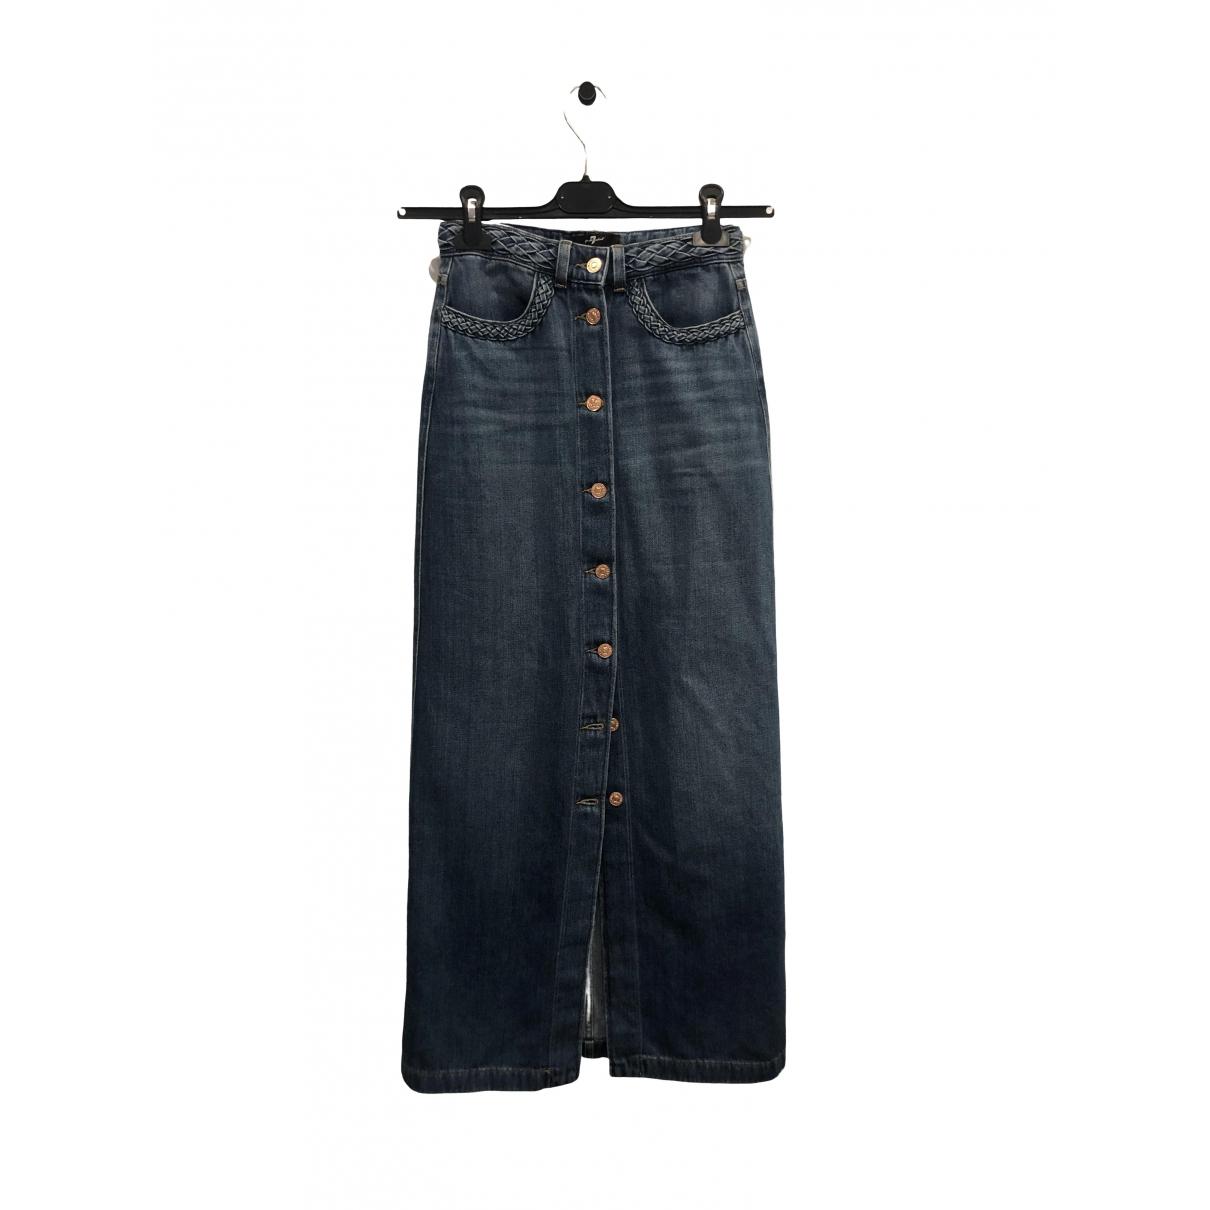 7 For All Mankind \N Blue Cotton - elasthane skirt for Women 34 FR